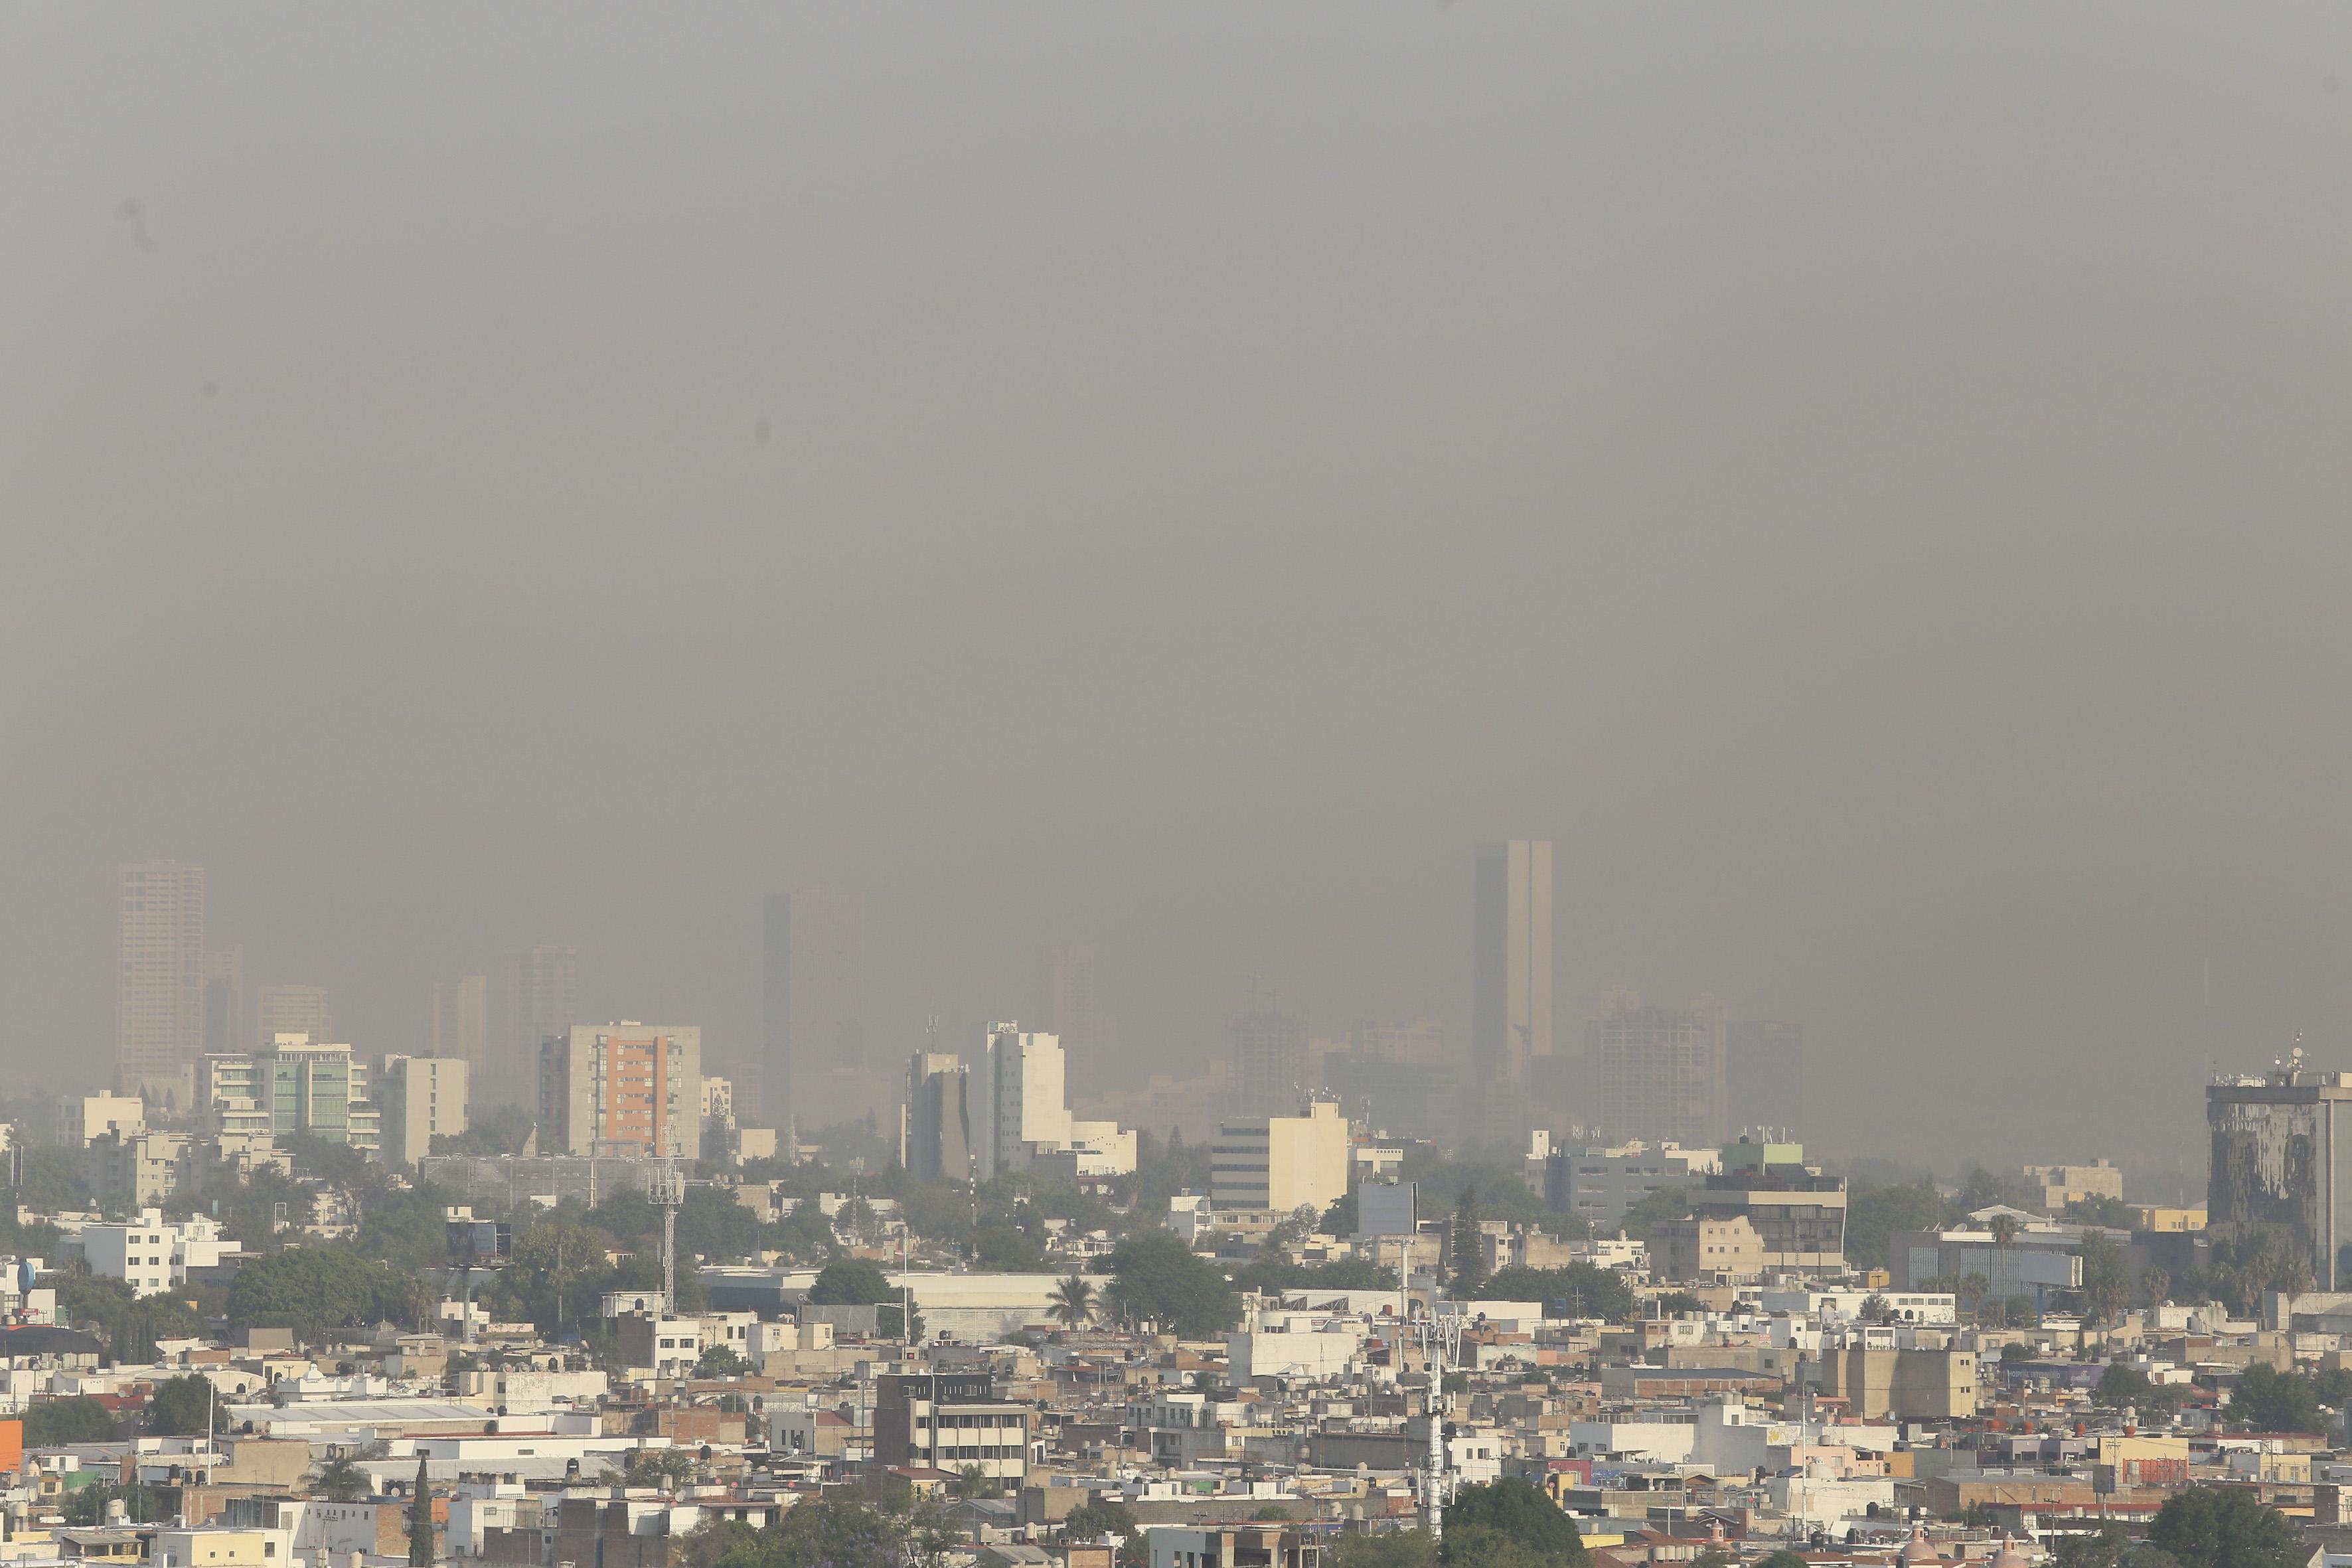 Panoráma de la zona metropolitana de Guadalajara, con un cielo contaminado a sus alrededores.